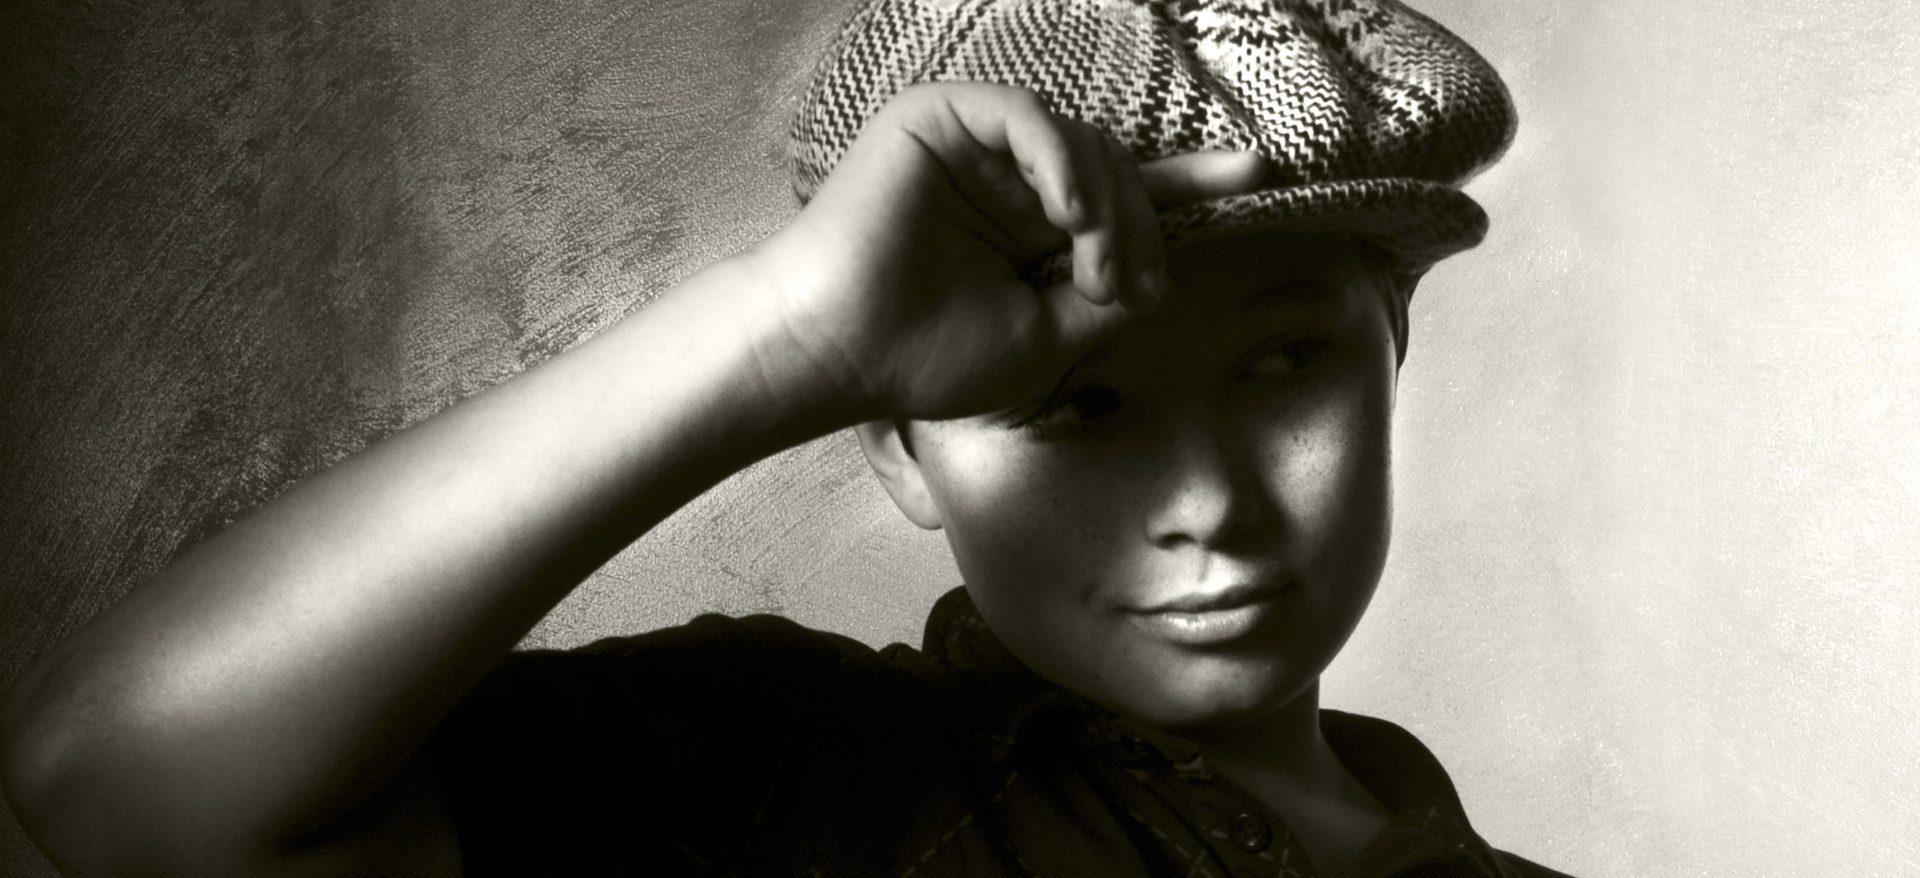 Portraits</b>